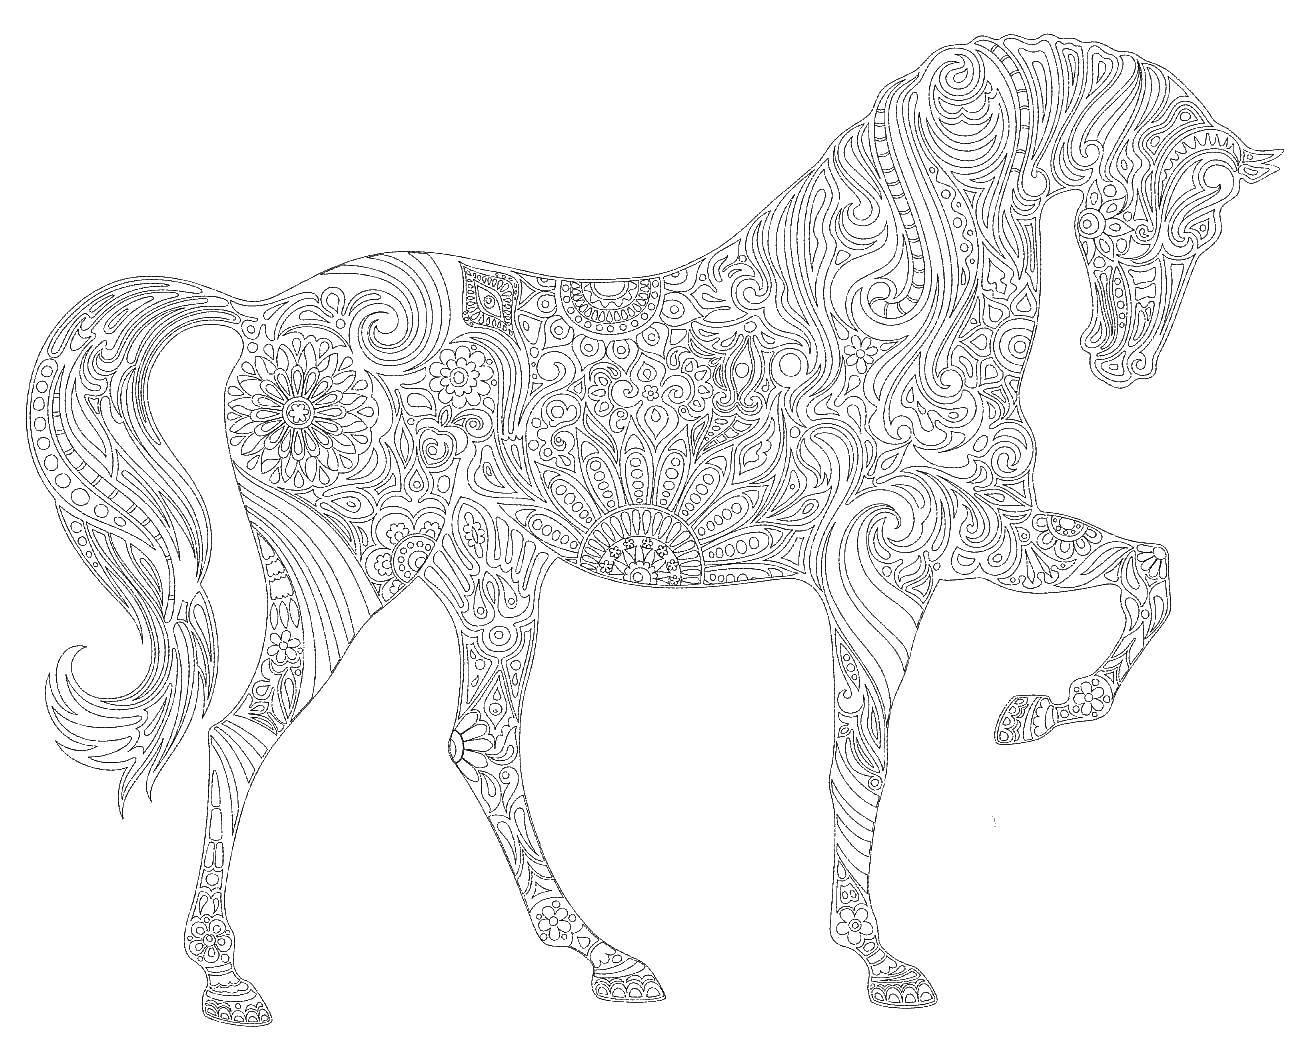 Раскраска  лошадь антистресс Скачать раскраски, антистресс, лошадь.  Распечатать ,раскраски антистресс,